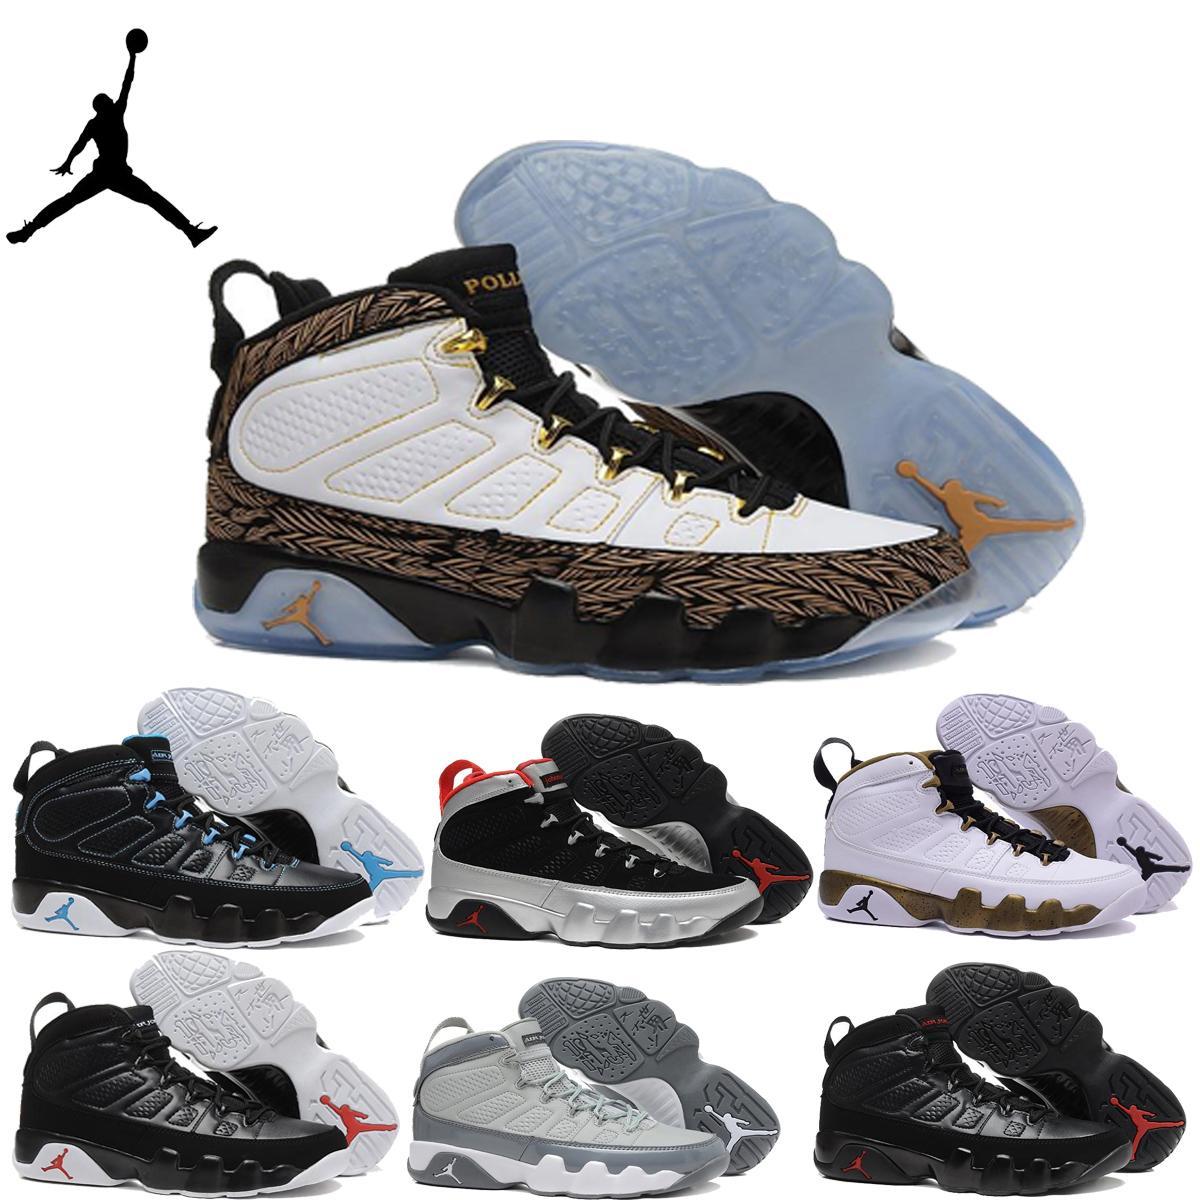 Nike Air Jordan 9 Retro Mens Basketball Shoes Best